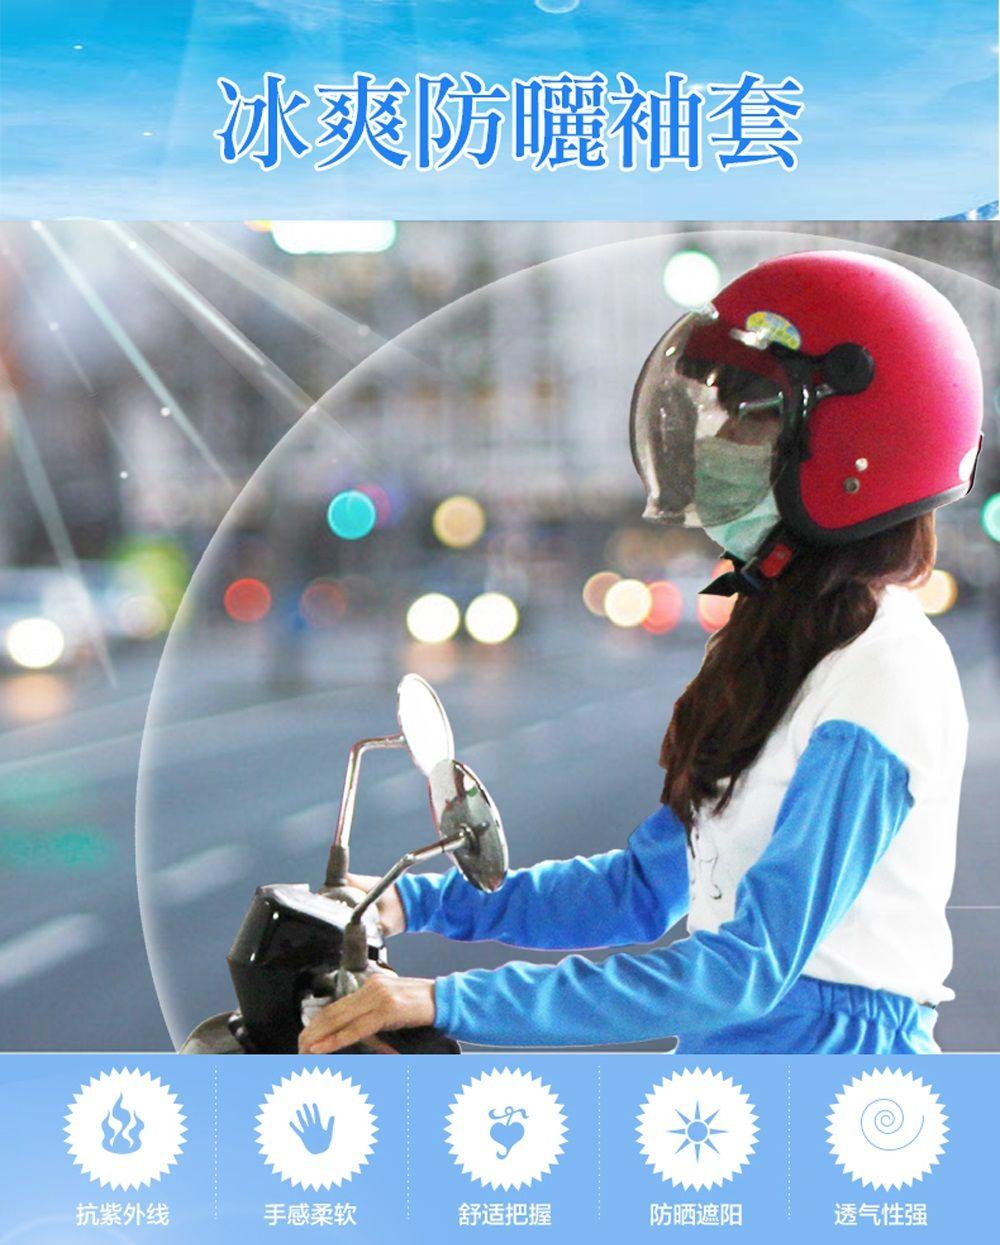 小玩子 RK-1 冰涼袖套 無手背 夏天 抗UV 舒爽 冰涼 透氣 騎車 開車 旅遊 運動 太陽 RK-8011